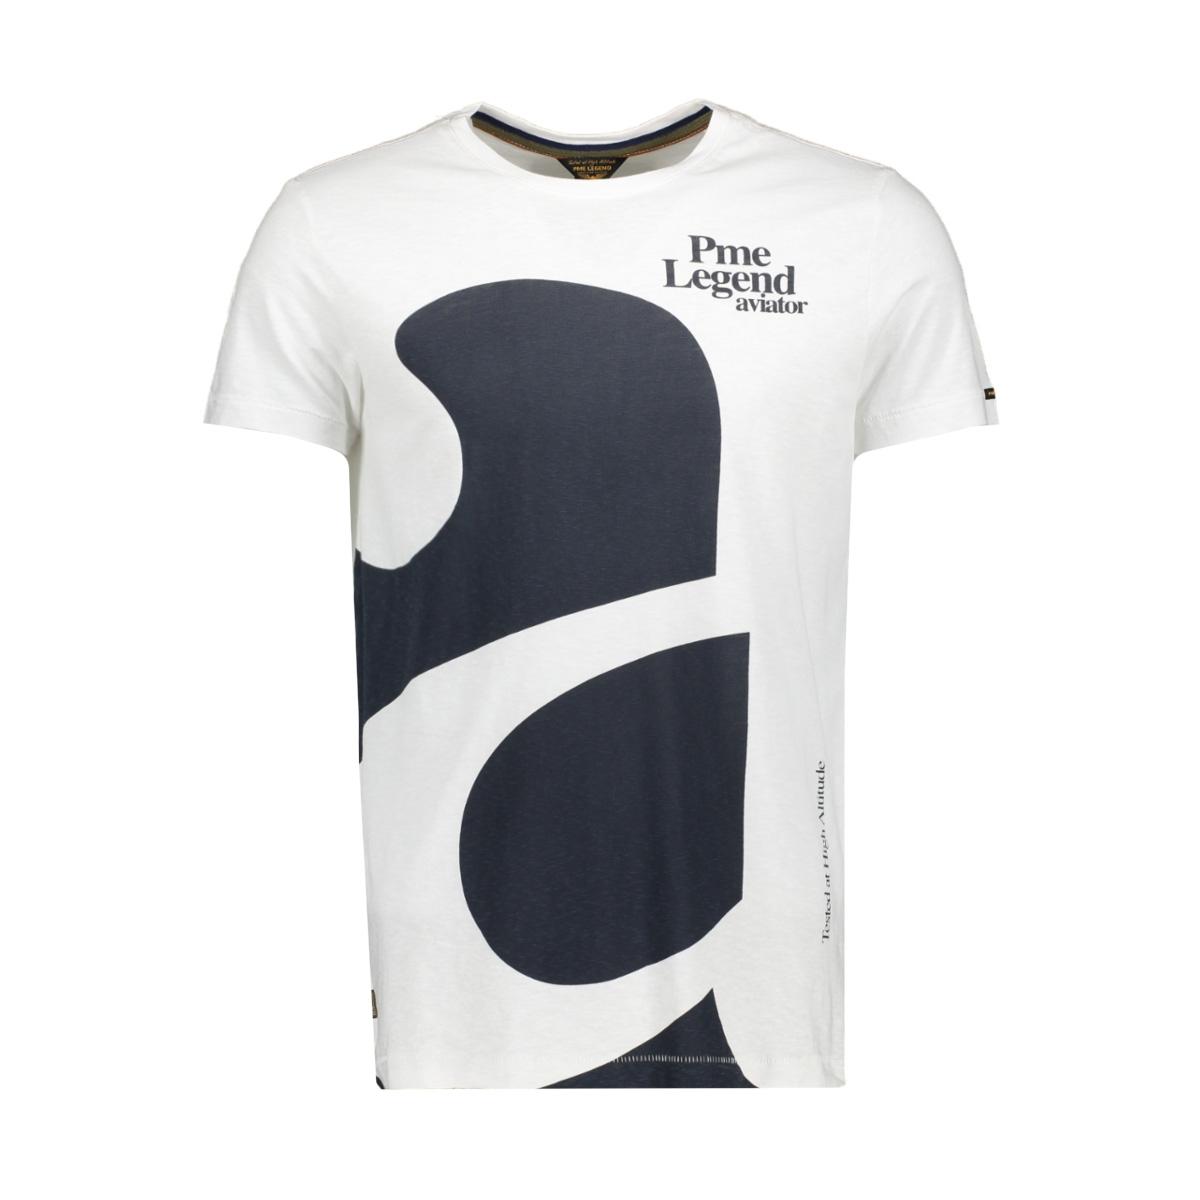 single jersey t shirt ptss192540 pme legend t-shirt 7003